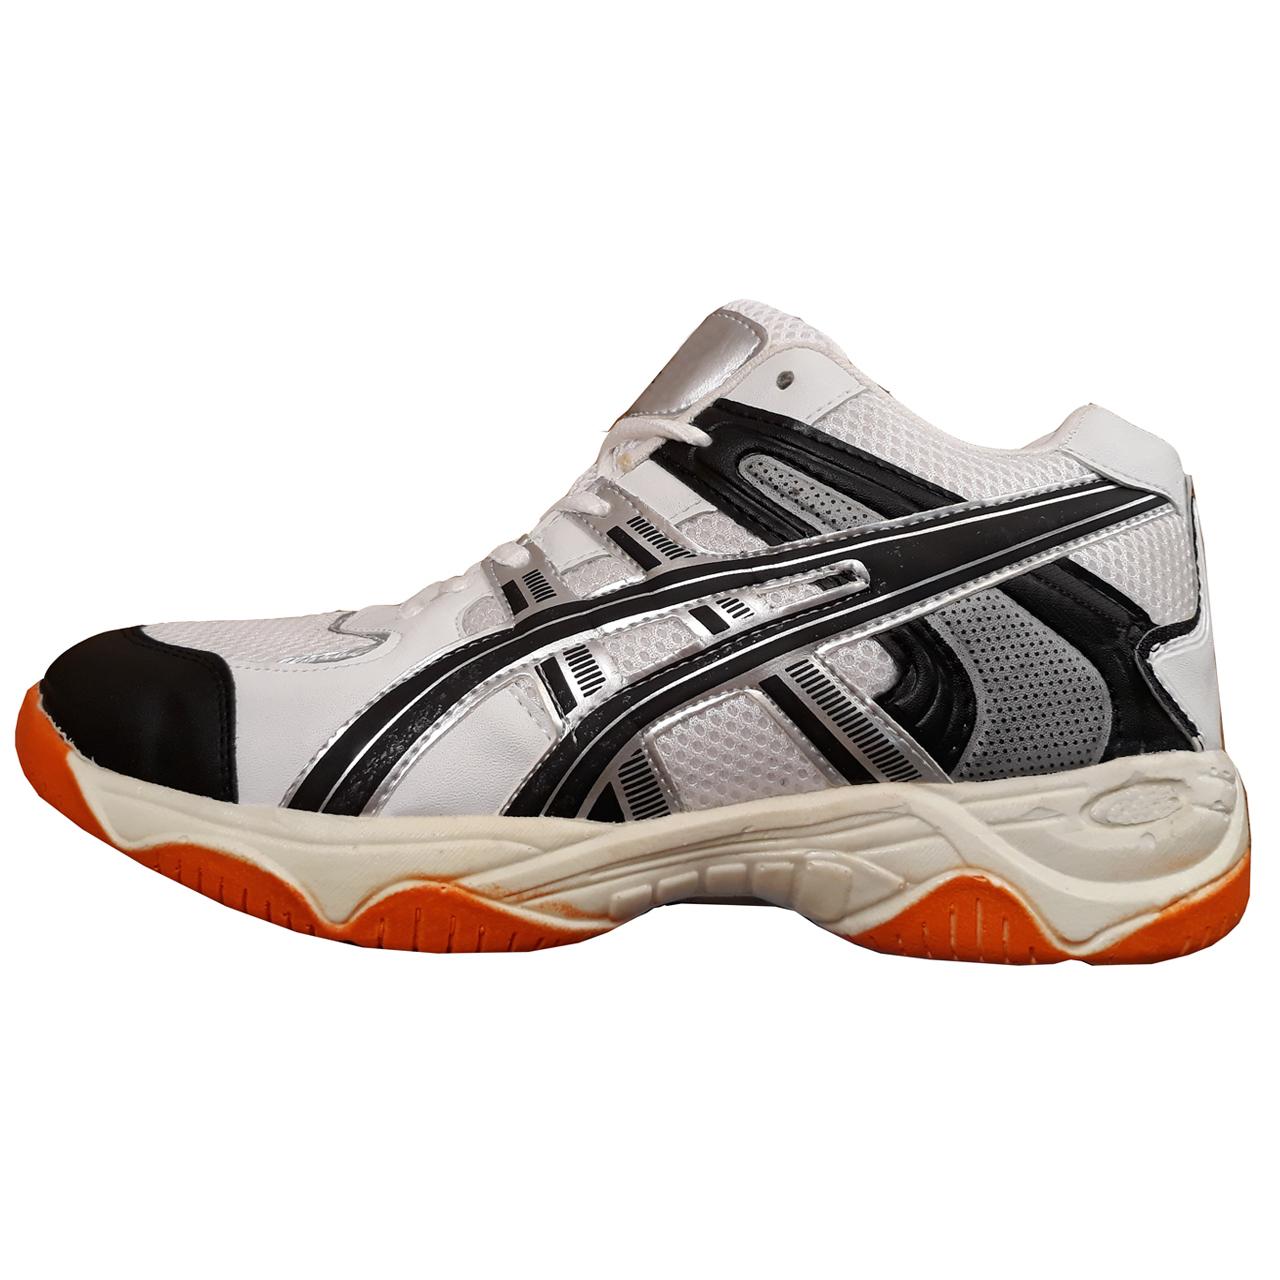 قیمت کفش مخصوص پیاده روی و دویدن مردانه طرح اسیکس مدل pro پرو